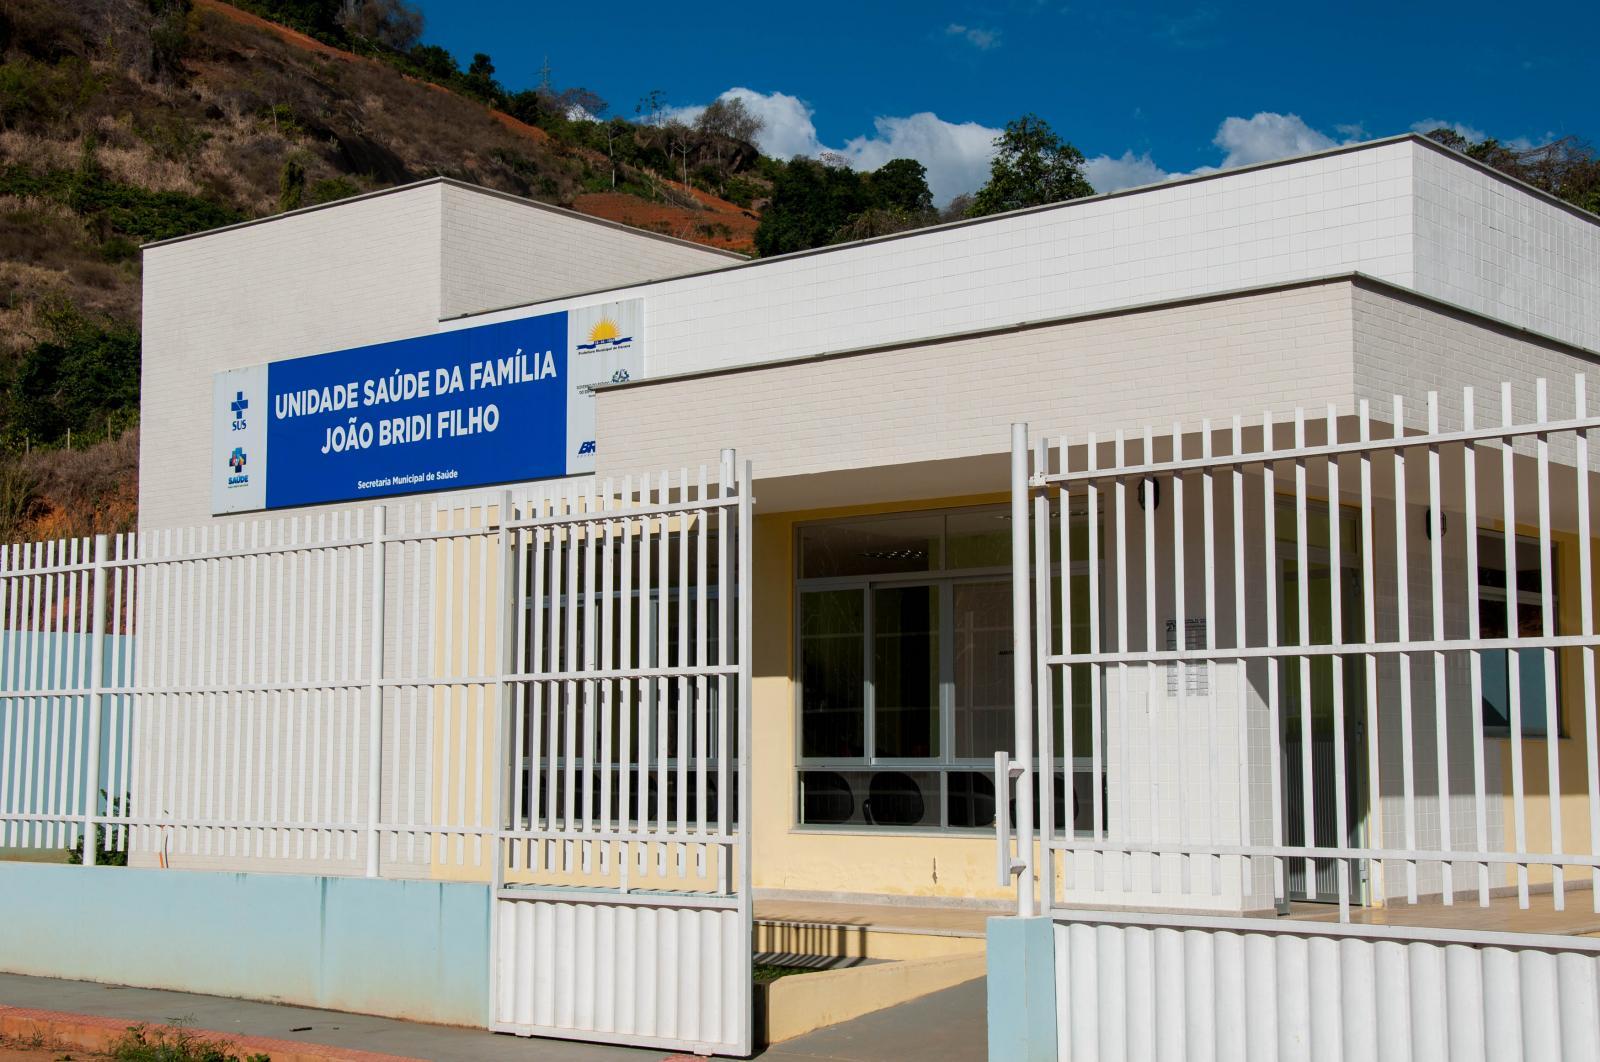 Unidade de Saúde da Praça Oito será inaugurada no dia 28 de setembro